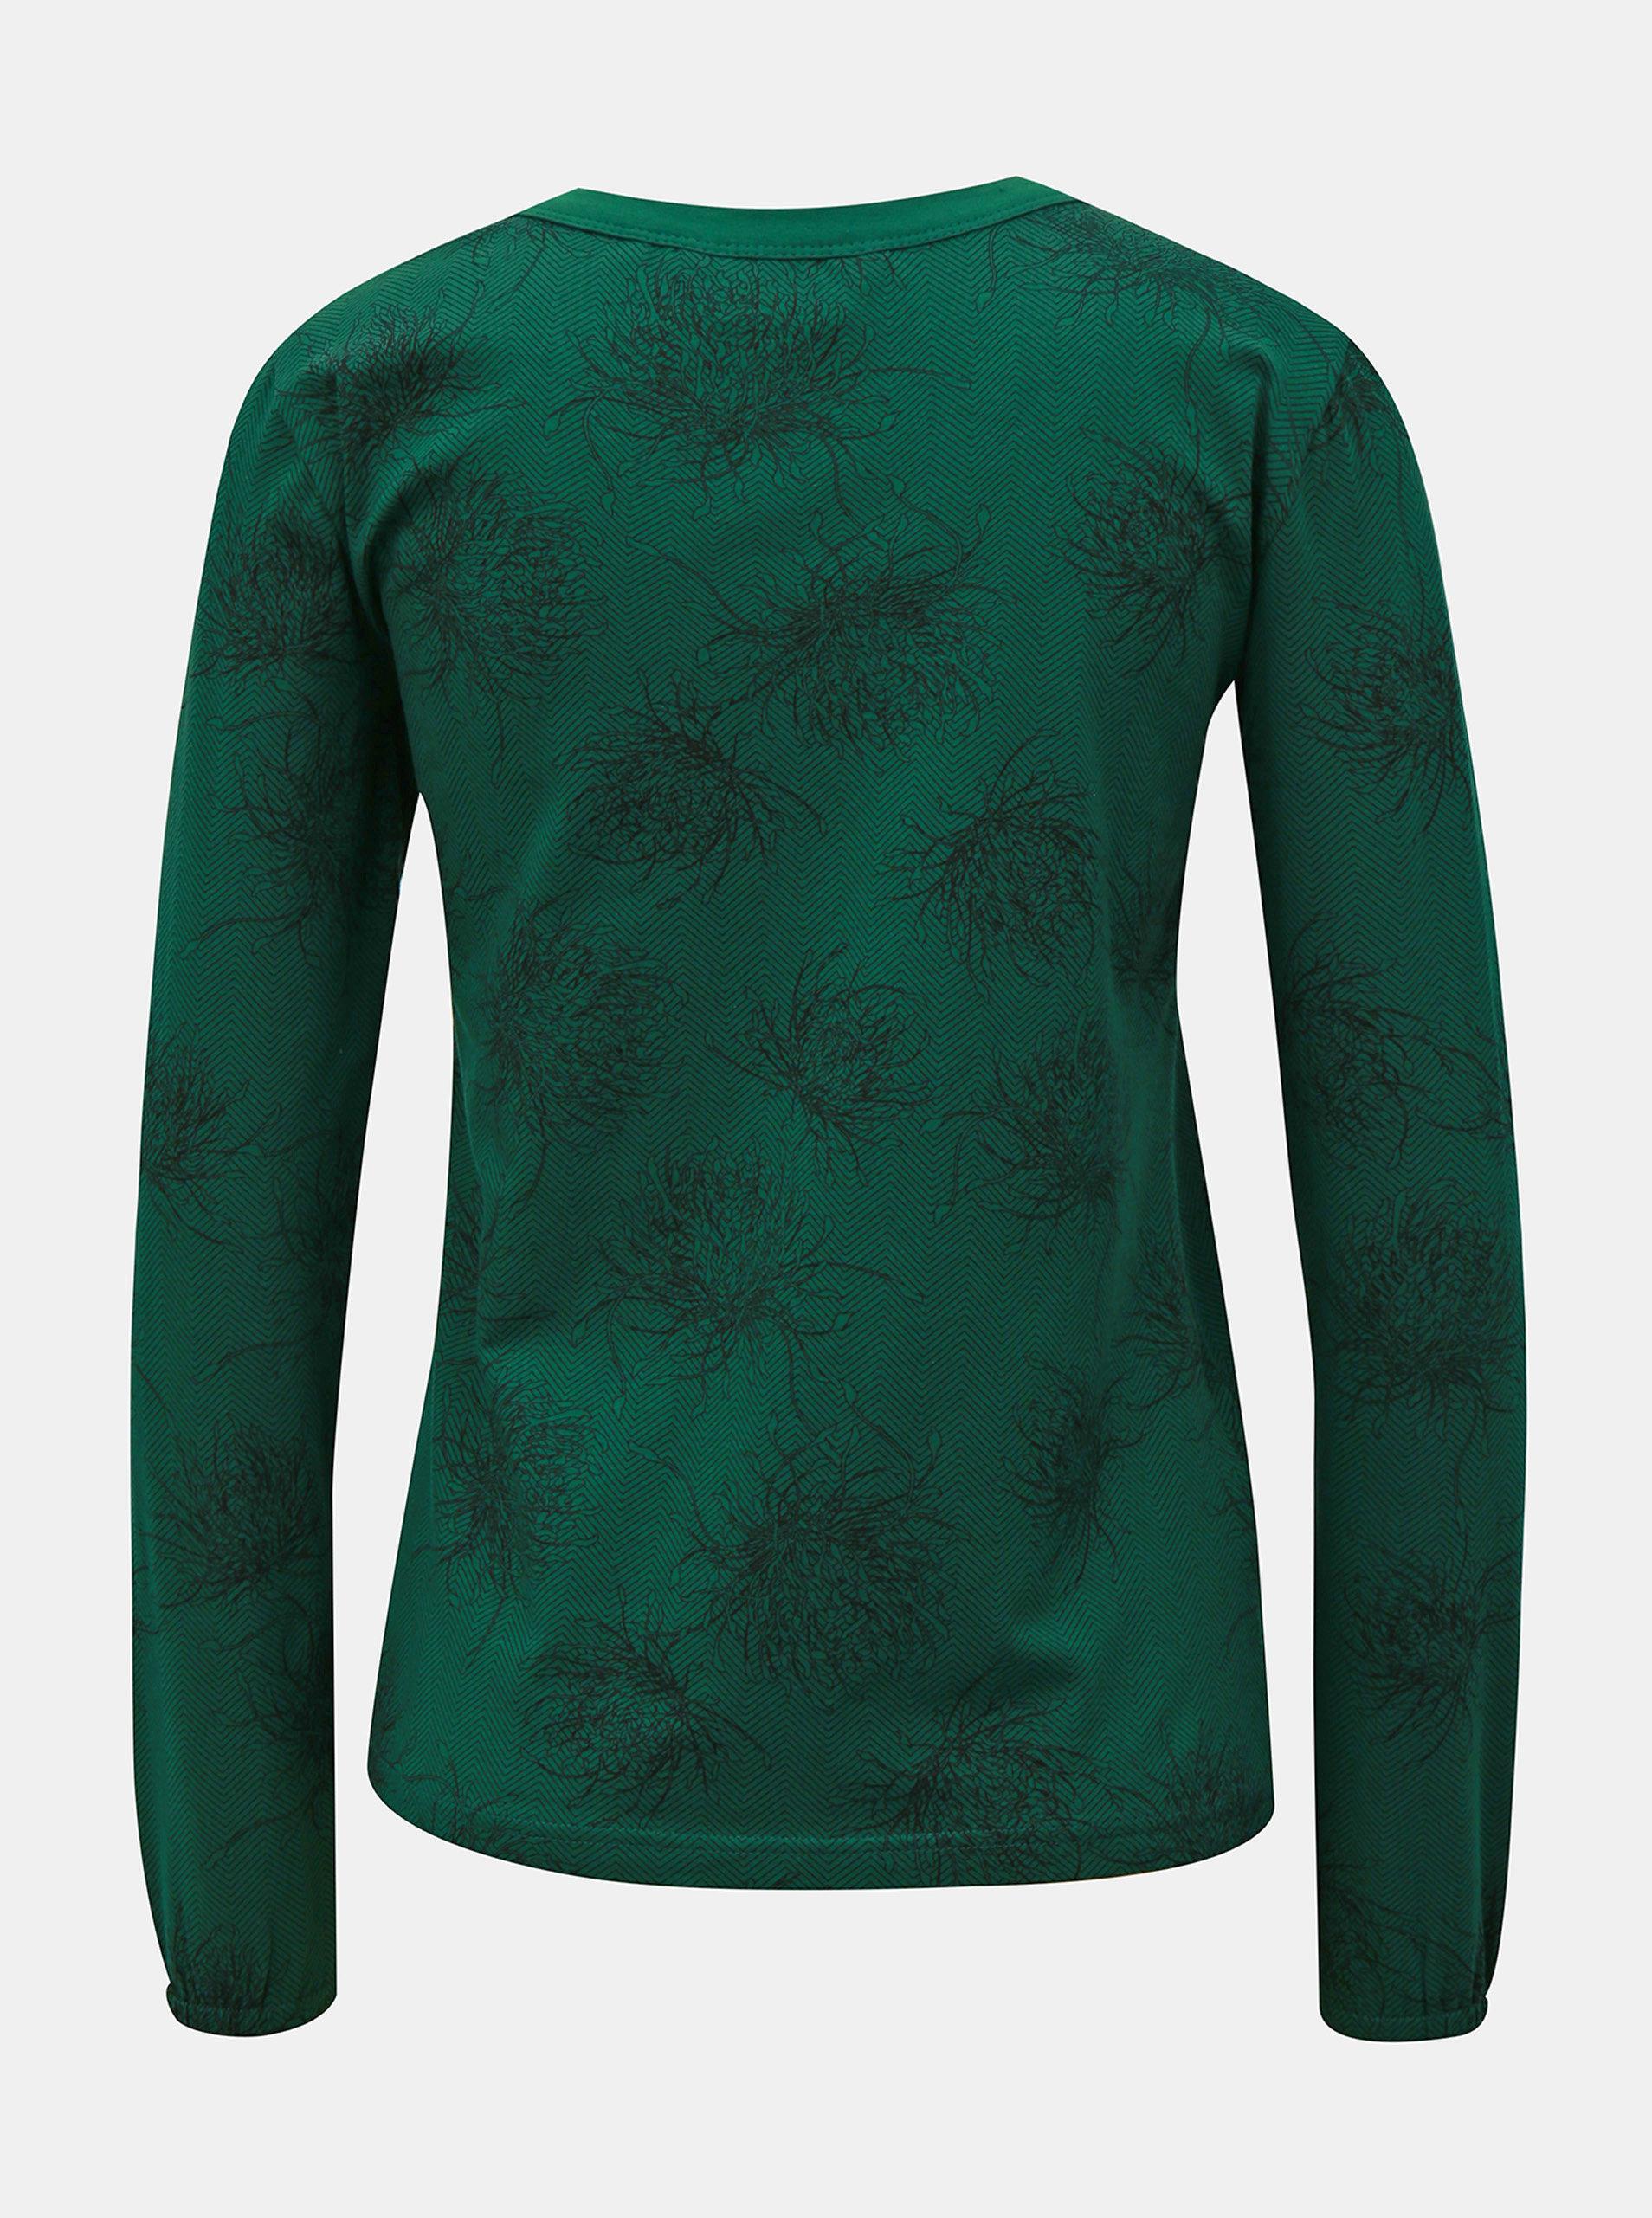 80ff8deaa82 Zelené vzorované tričko s dlouhým rukávem SKFK ...